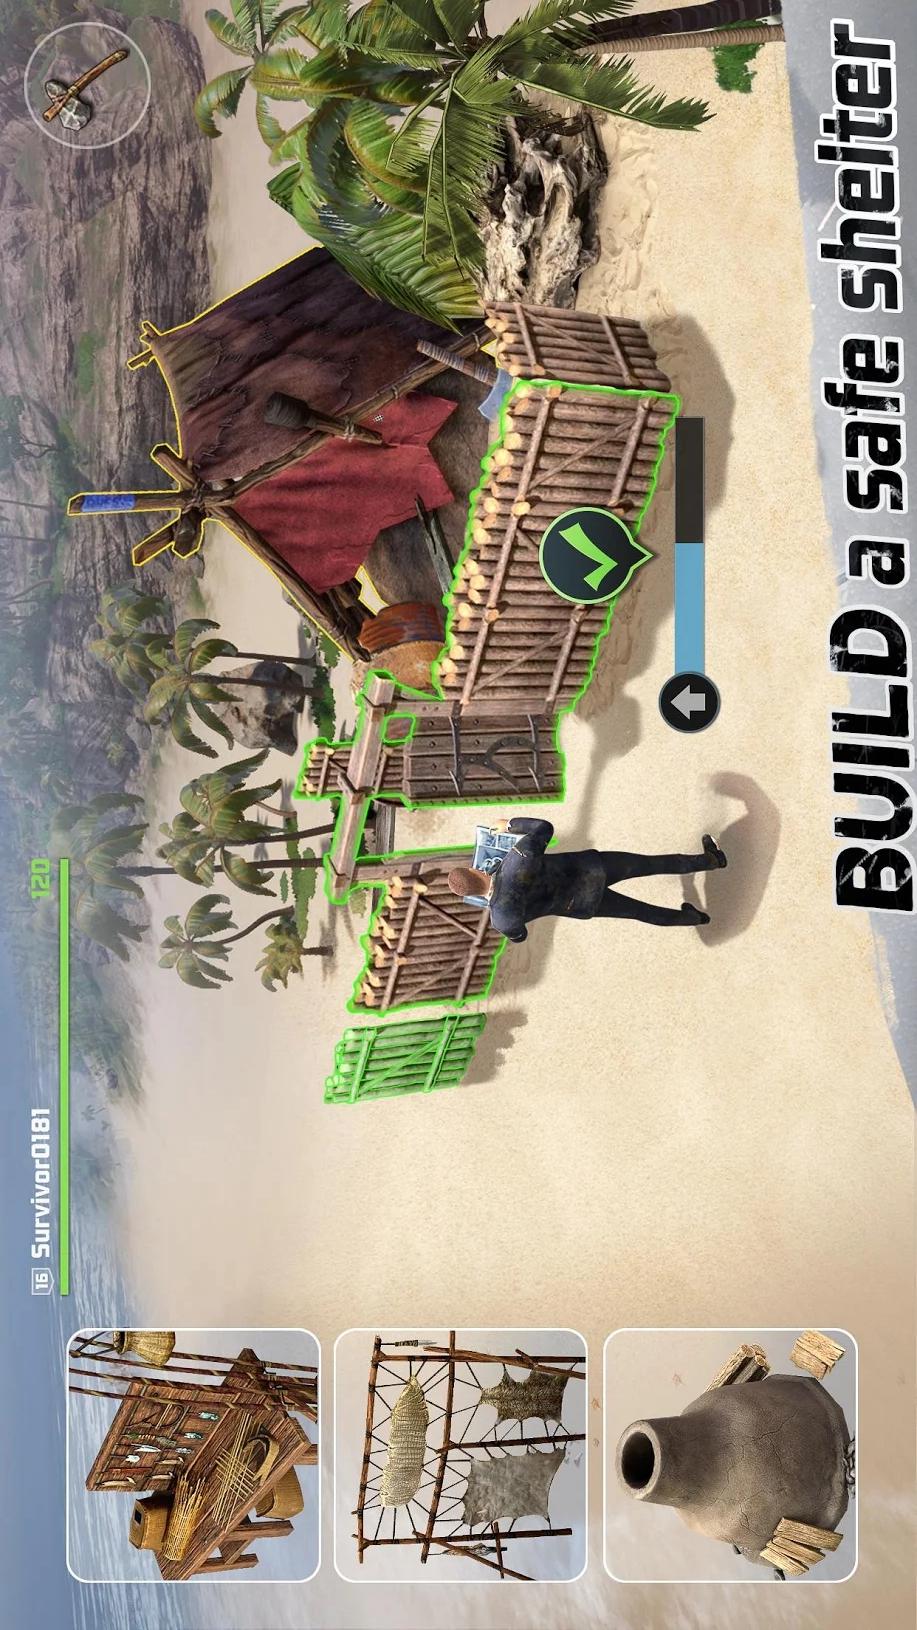 荒岛迷失游戏截图